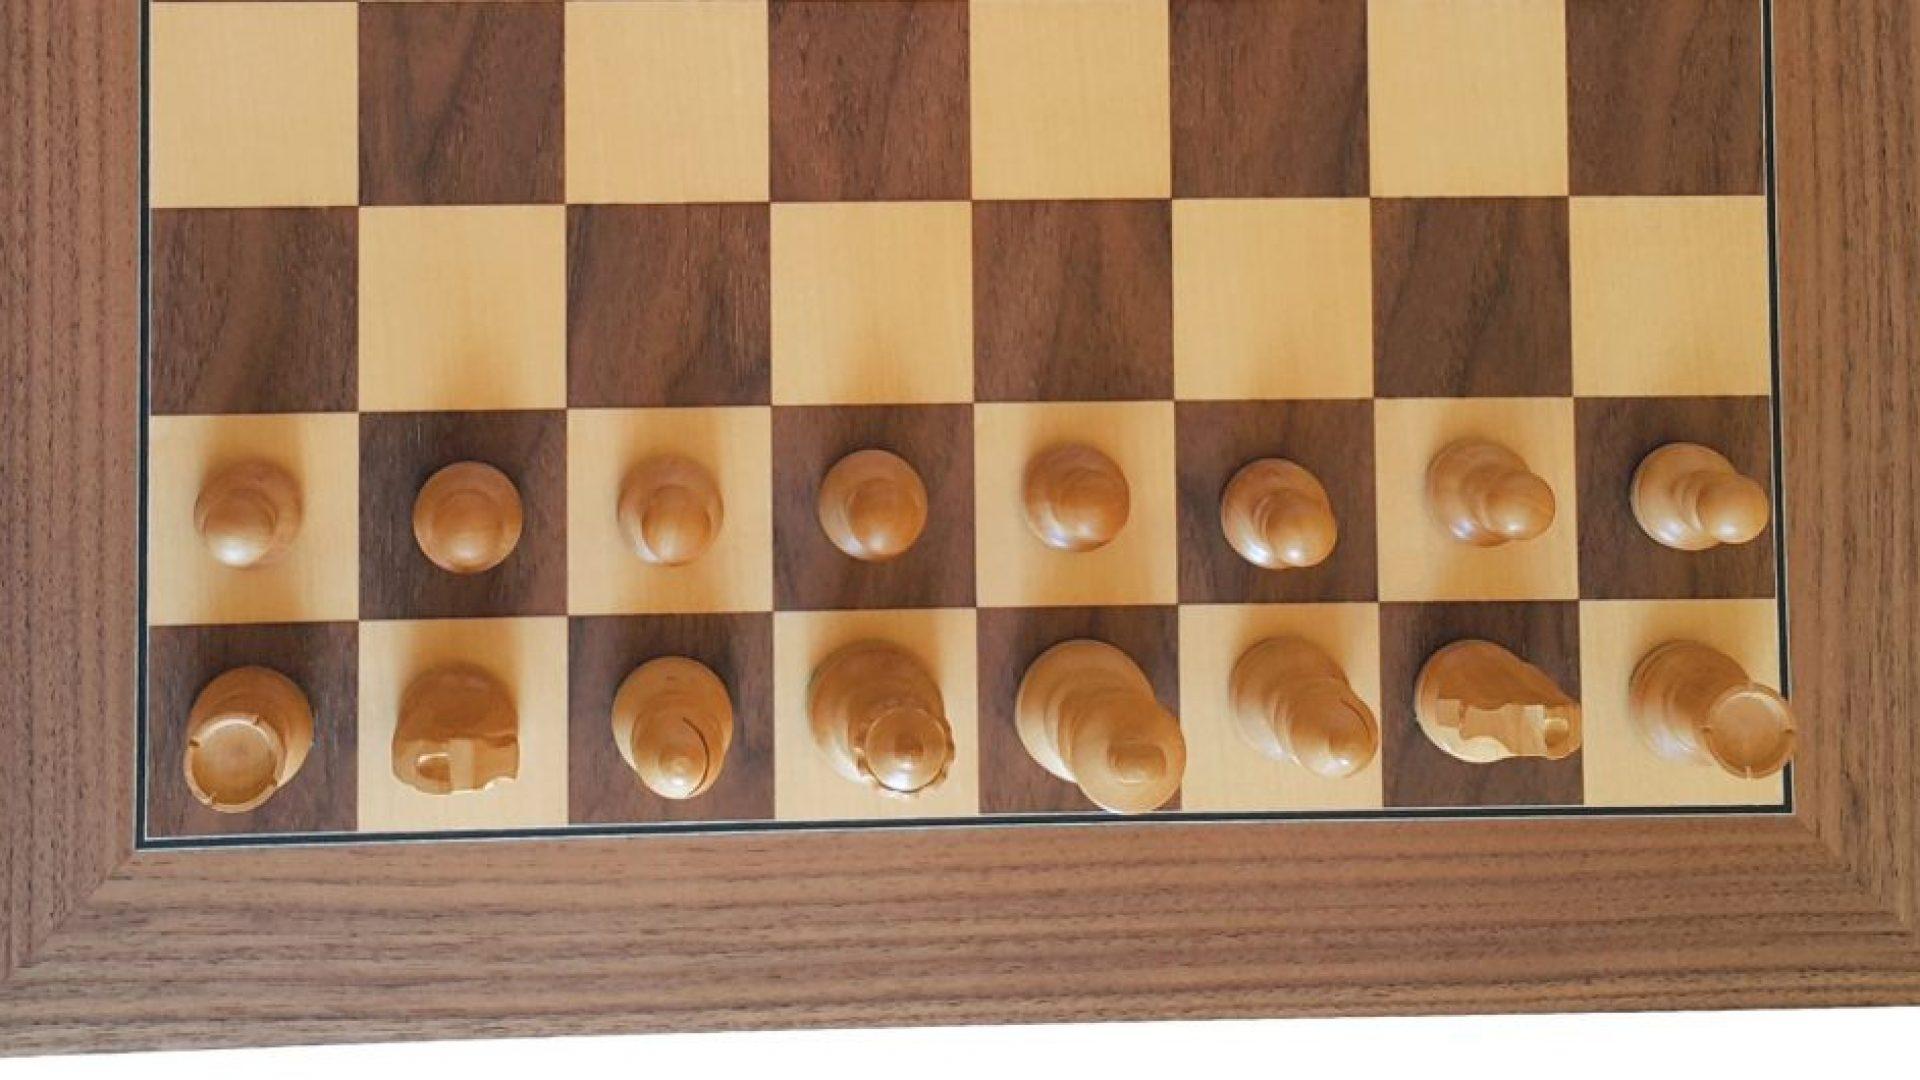 20160402_131514 pozycja wyjściowa znad szachownicy